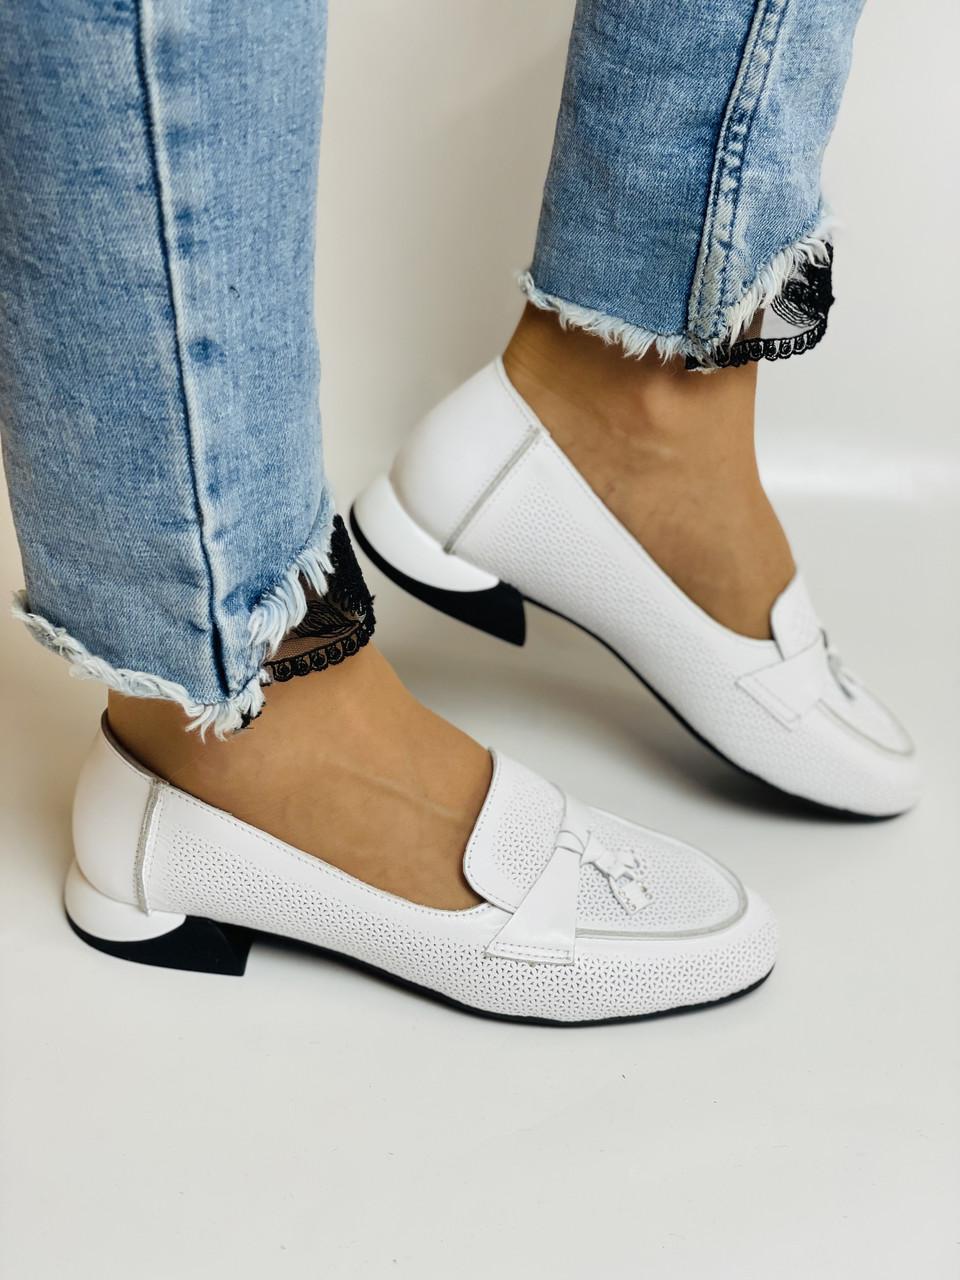 Ripka. Жіночі літні туфлі-балетки з перфорацією білого кольору. Туреччина. Розмір 36.37.38.39.40.Vellena